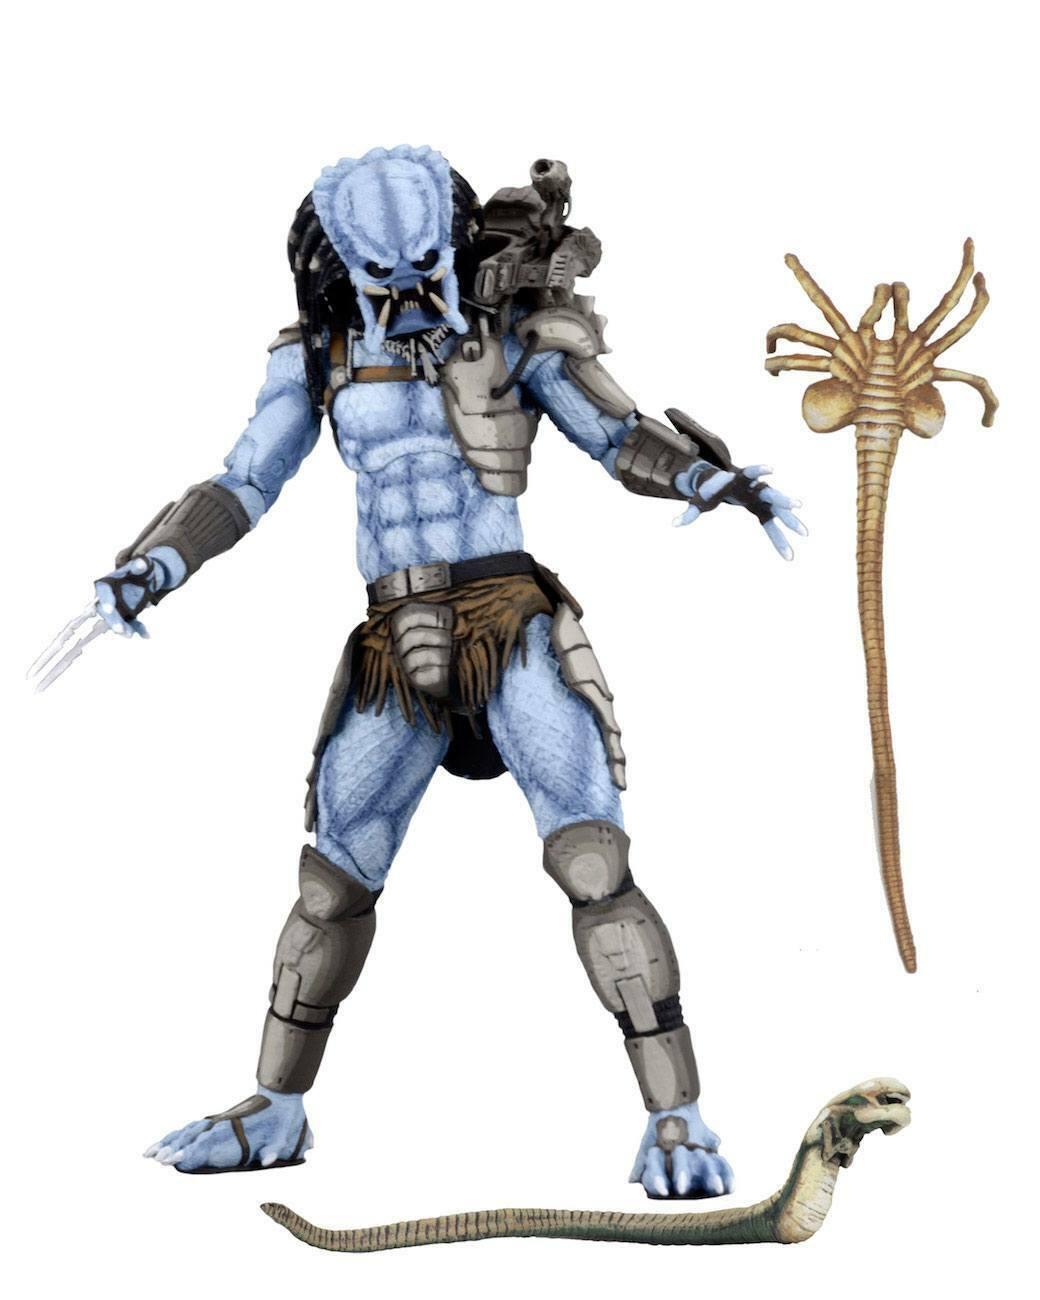 Alien Vs. Predator Arcade Arcade Arcade de Mad Figura Acción Neca Ca.20cm Nuevo (Ka3 c73033